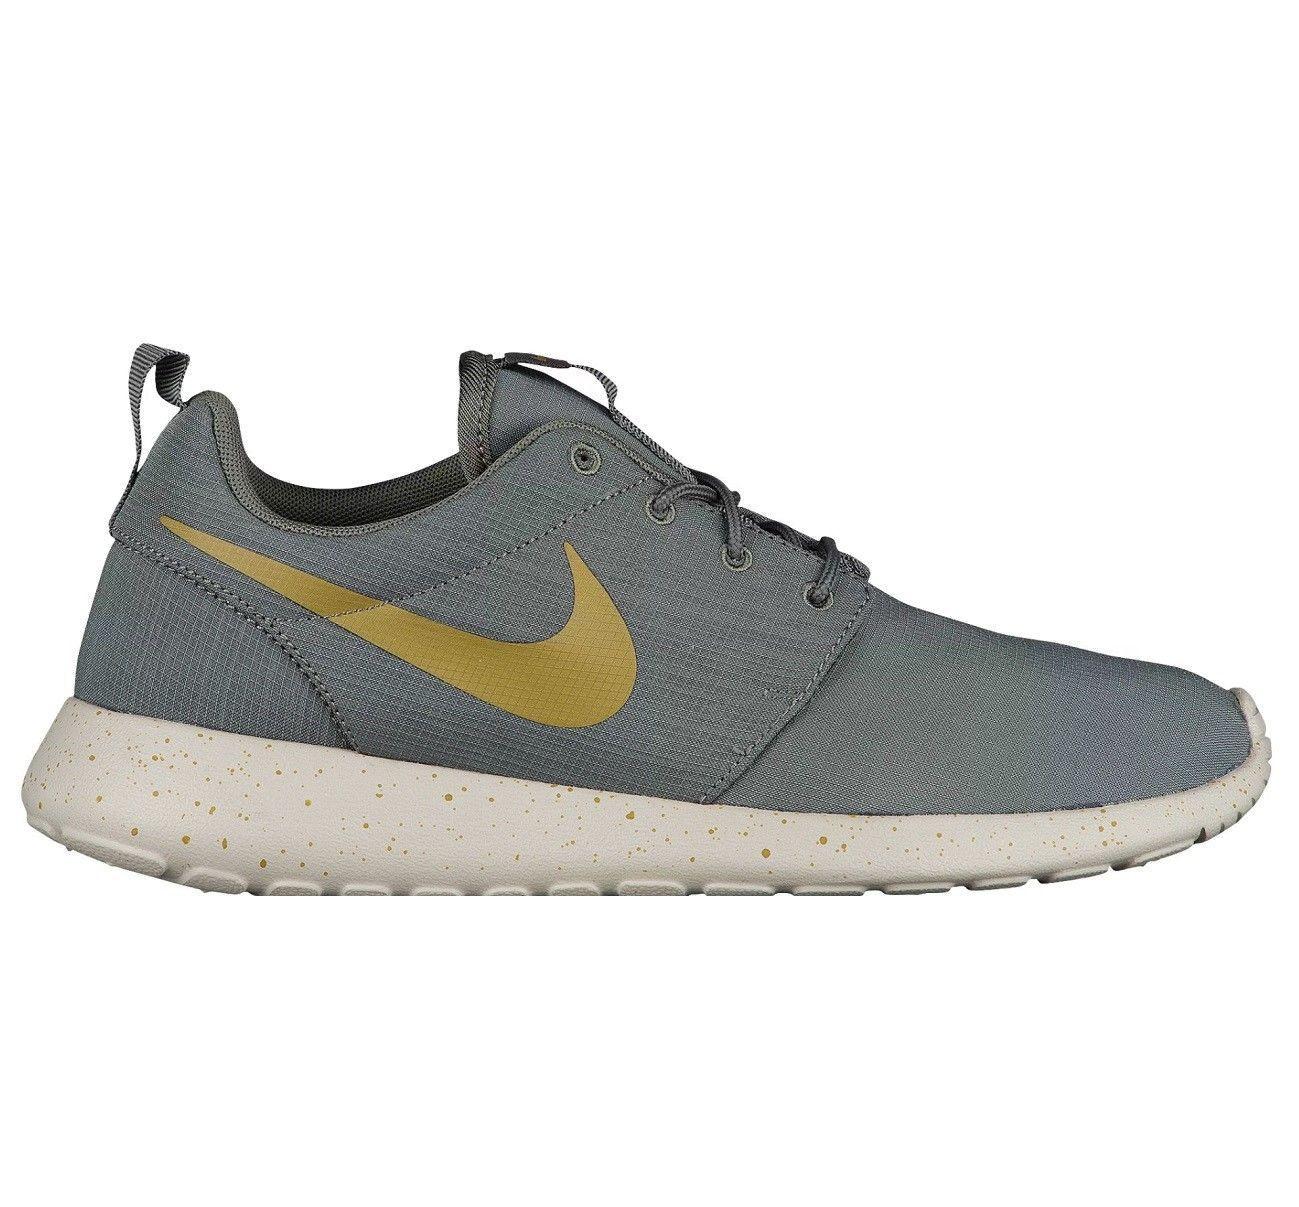 Nike roshe eine se se eine  844687-008 river rock wste moss cdfc98